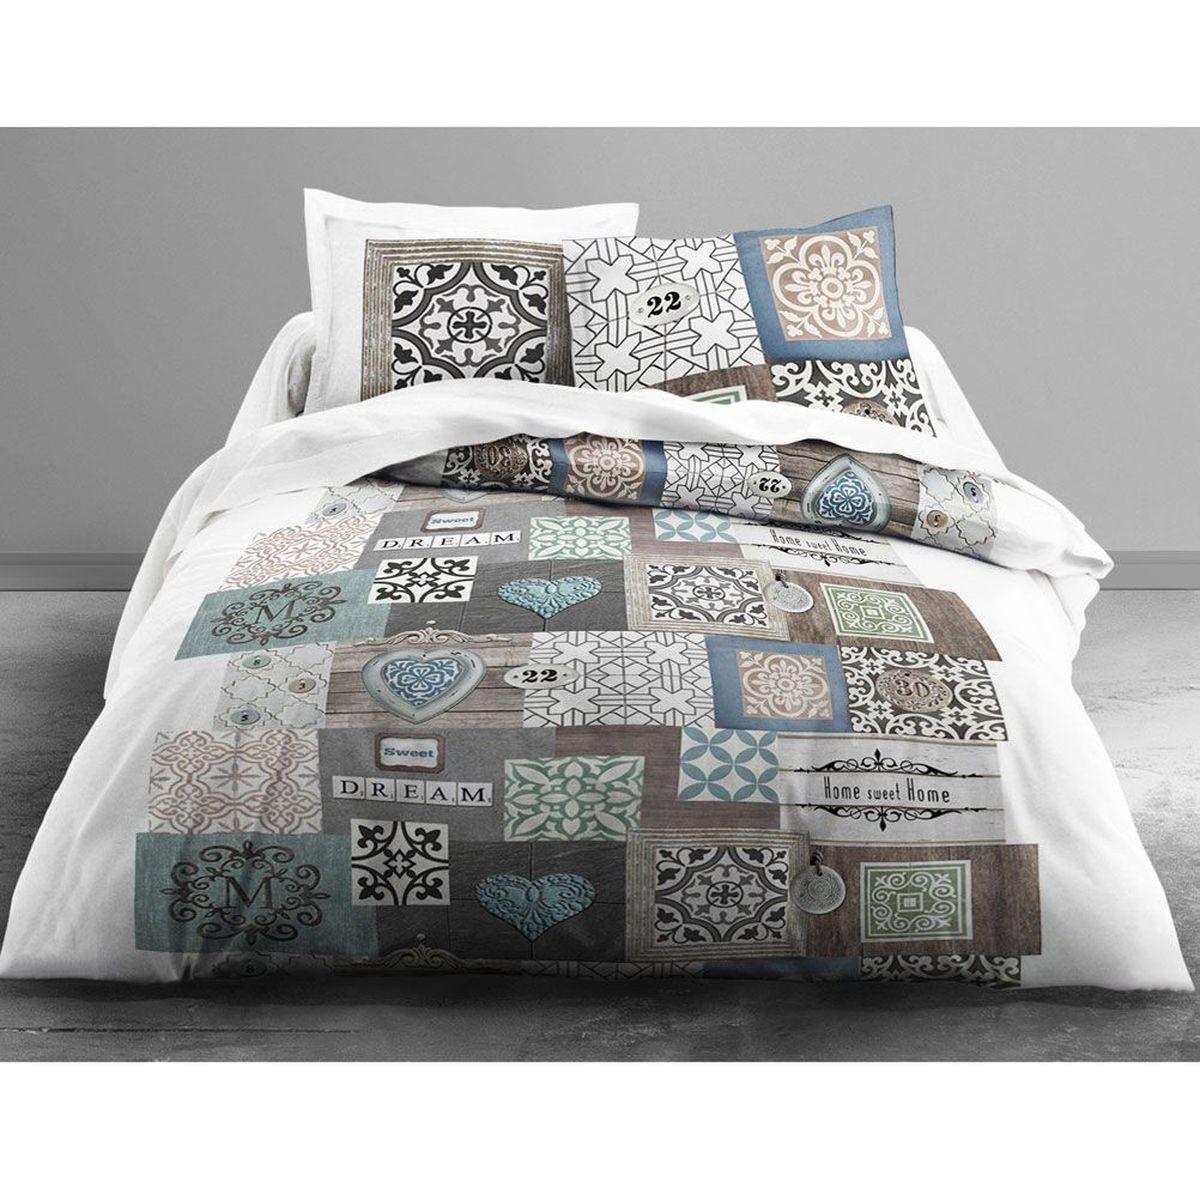 housse de couette zen sweet dreams et 2 taies 260 x 240 cm. Black Bedroom Furniture Sets. Home Design Ideas